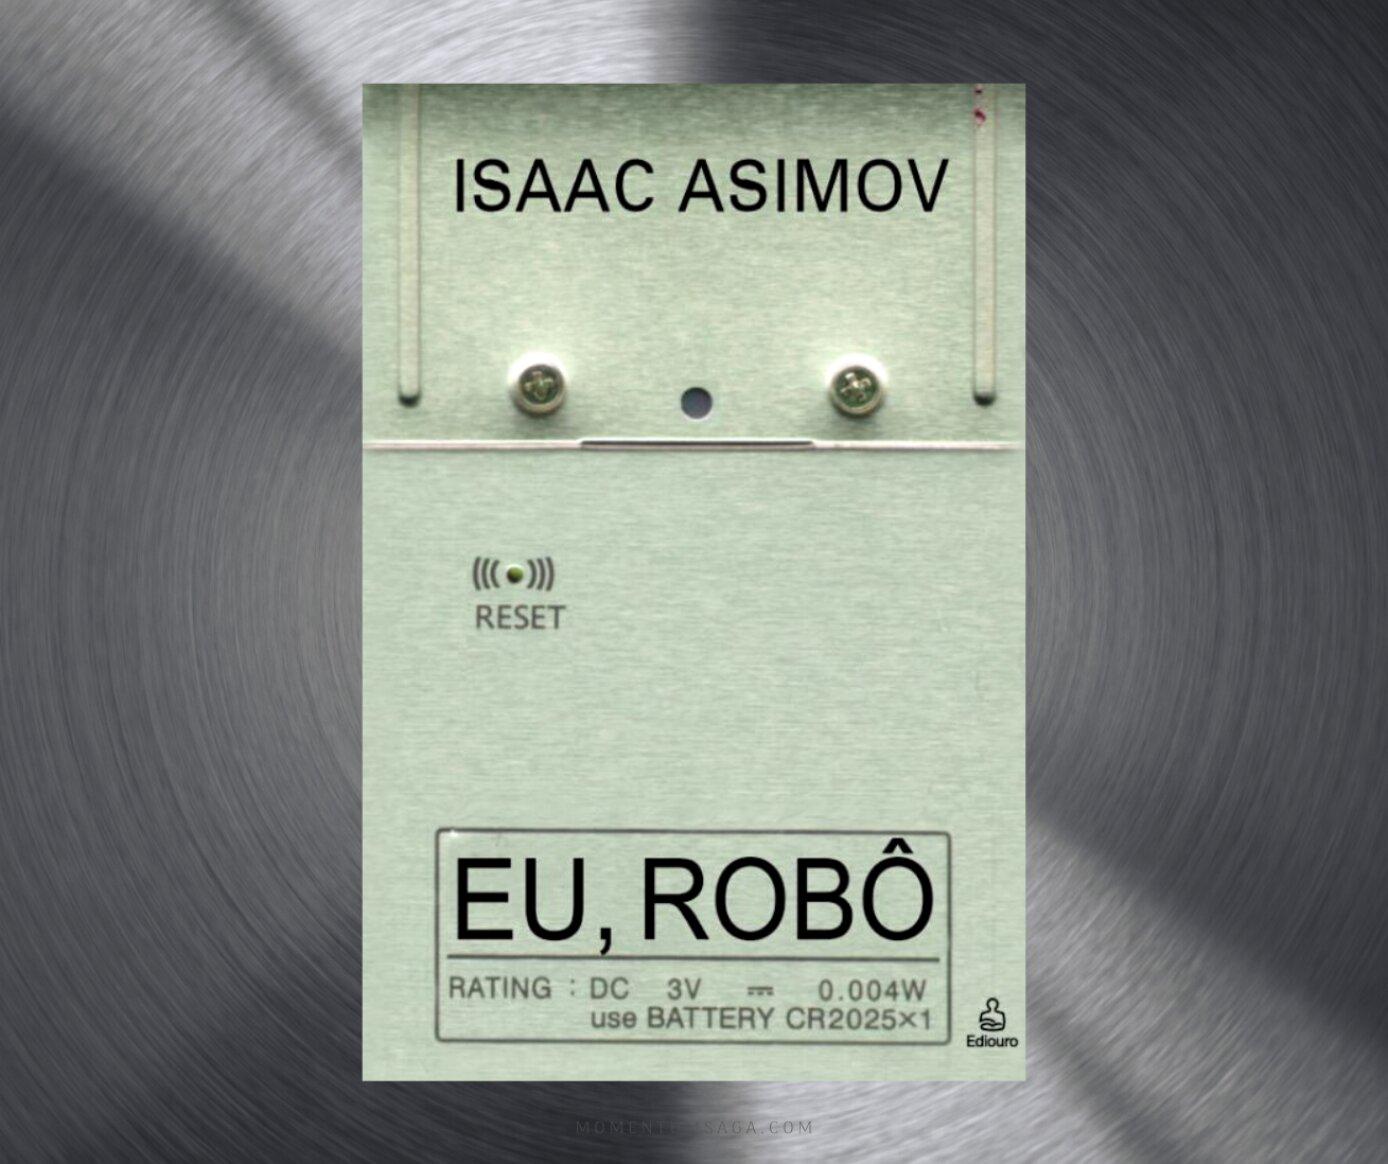 Resenha: Eu, Robô, de Isaac Asimov